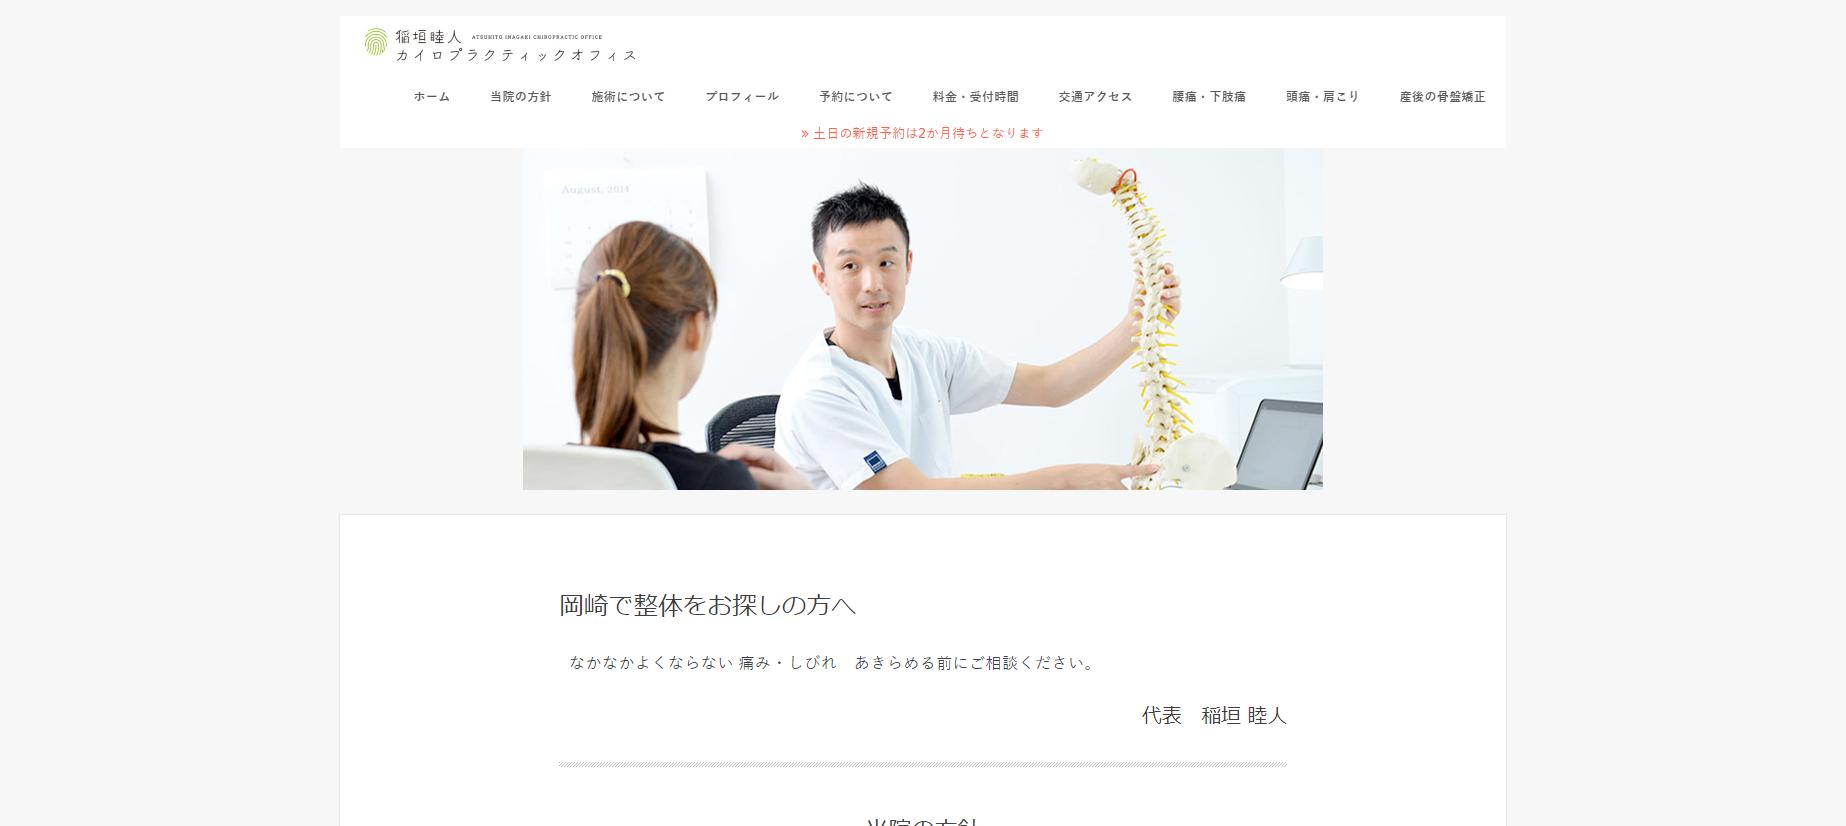 稲垣睦人カイロプラクティックオフィスのサムネイル